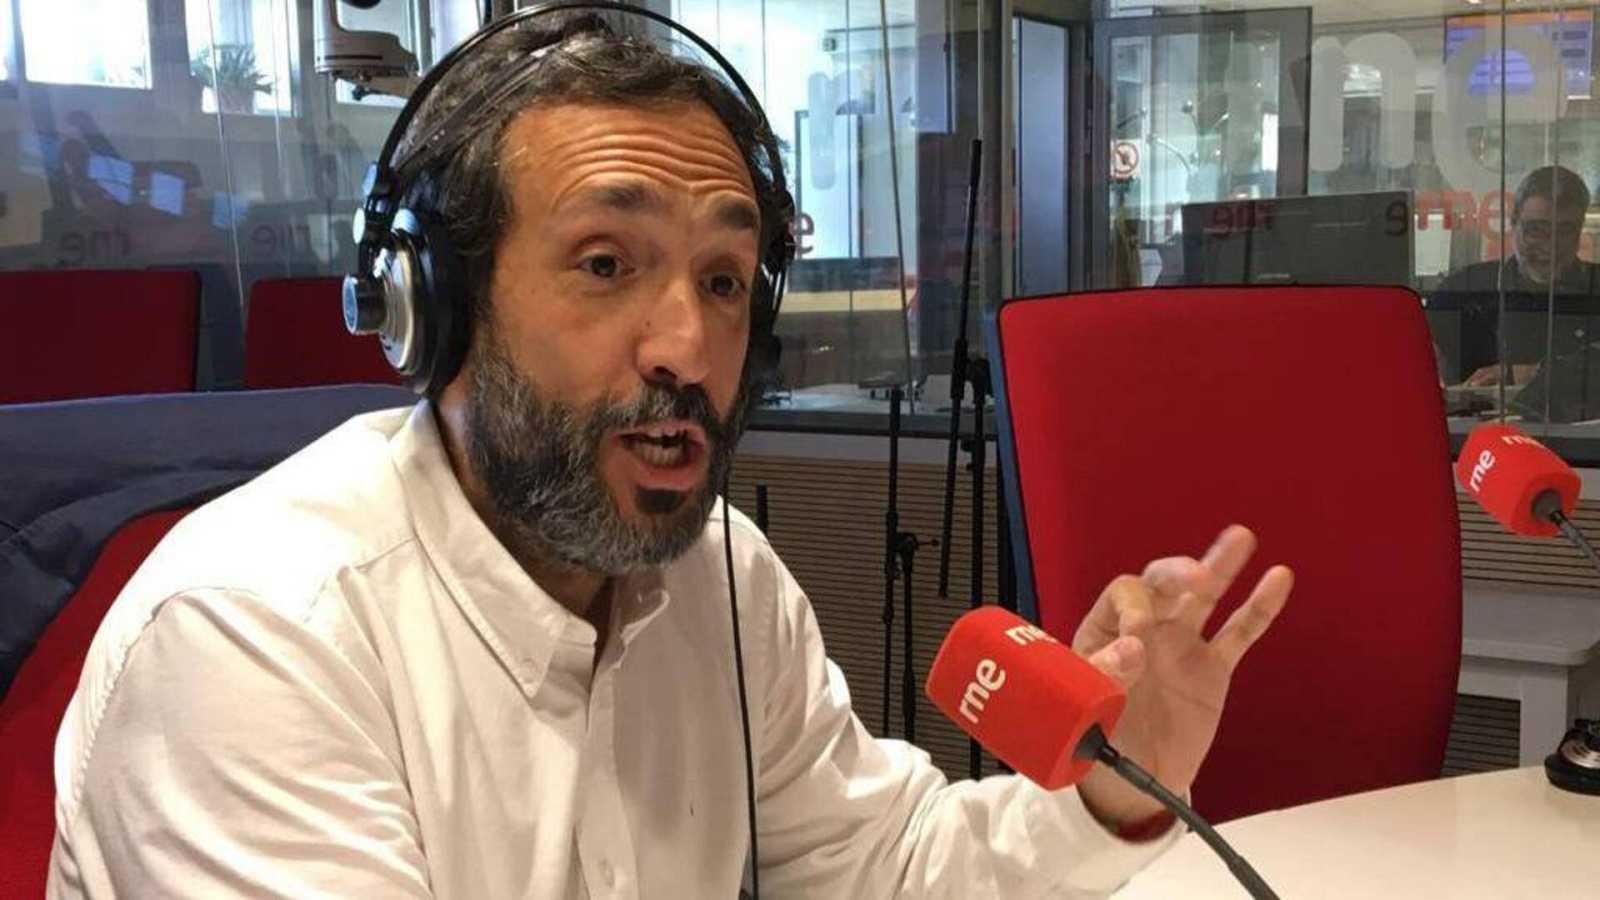 Las mañanas RNE con Pepa Fernández - Tercera hora - 29/10/20 - escuchar ahora